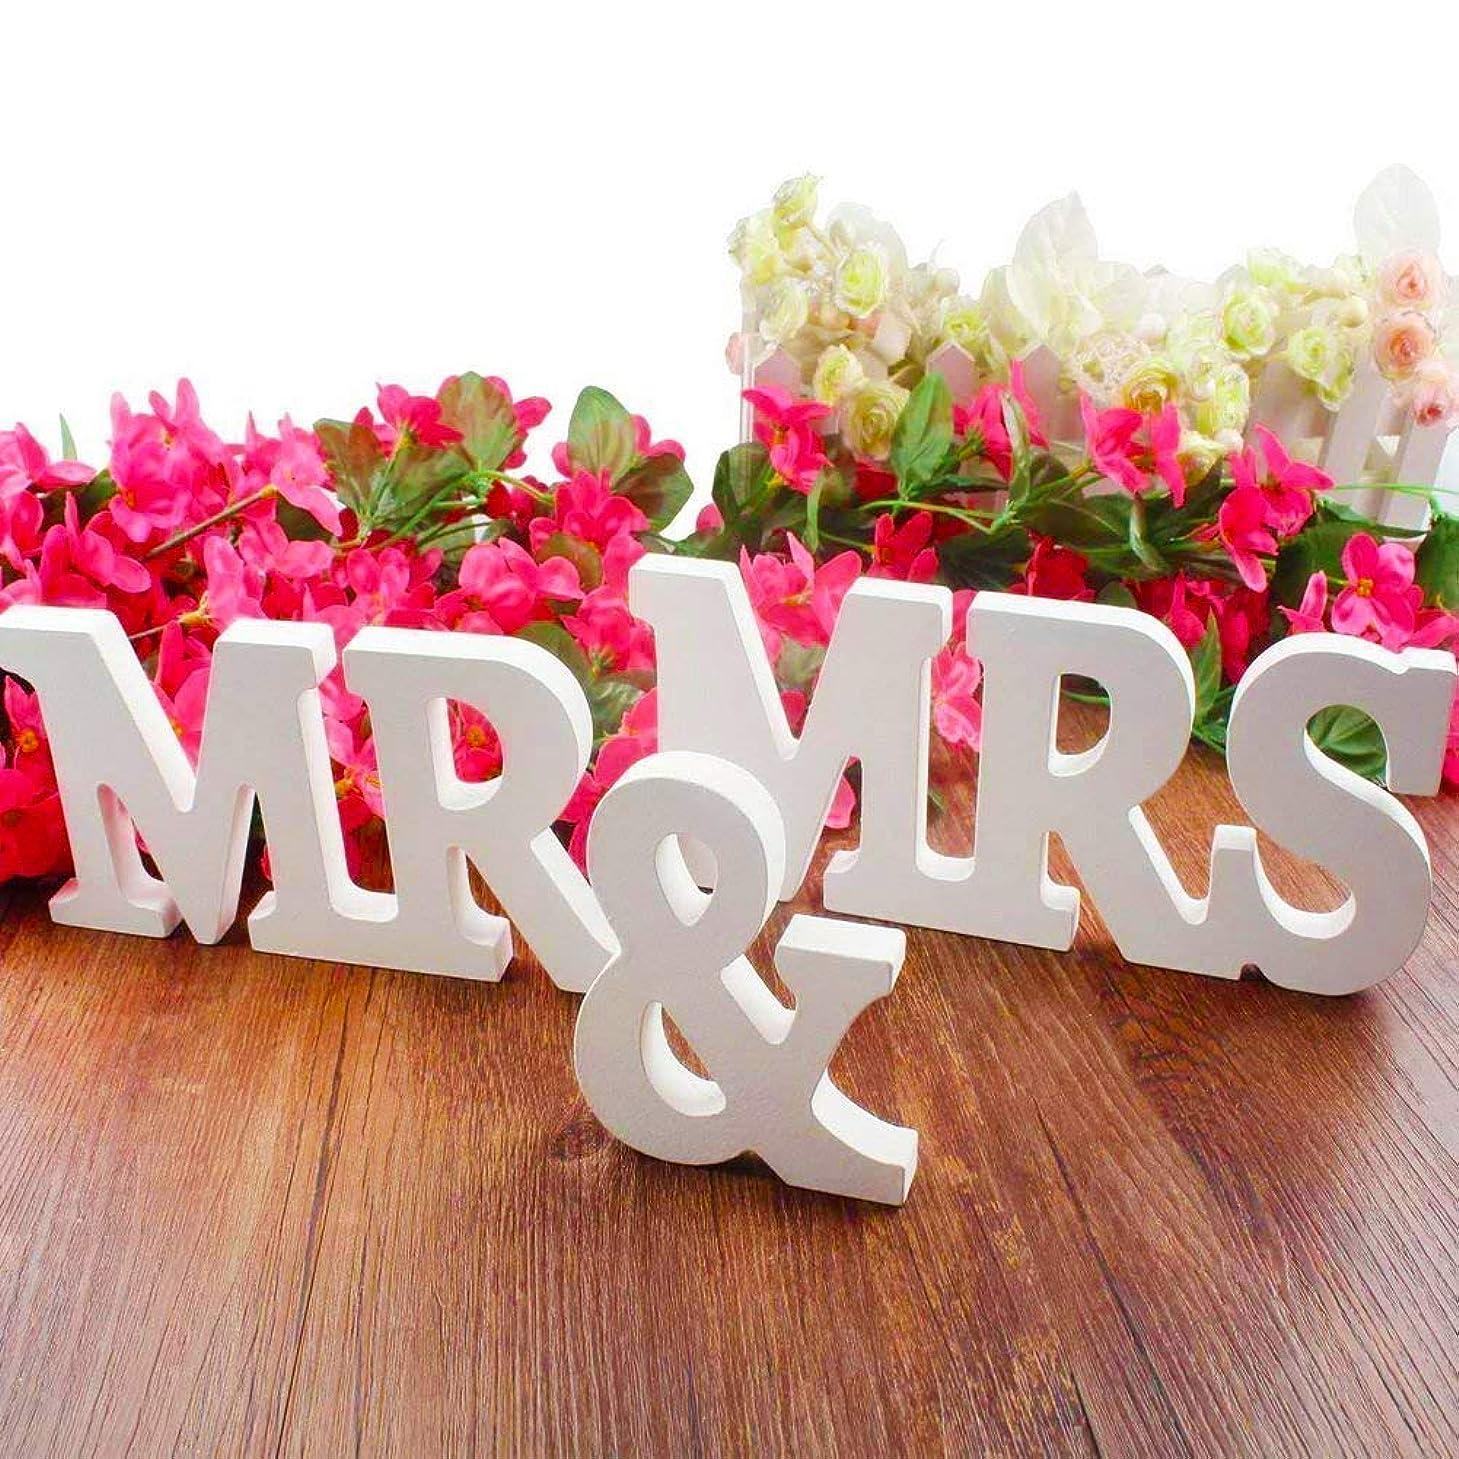 恐れる真面目な突然のBESTZY 「 MR & MRS」結婚式 デコレーション ウェディング 置物 ロゴ 贈り物 道具 撮影用 結婚式パーティー、レセプション 装飾(白)